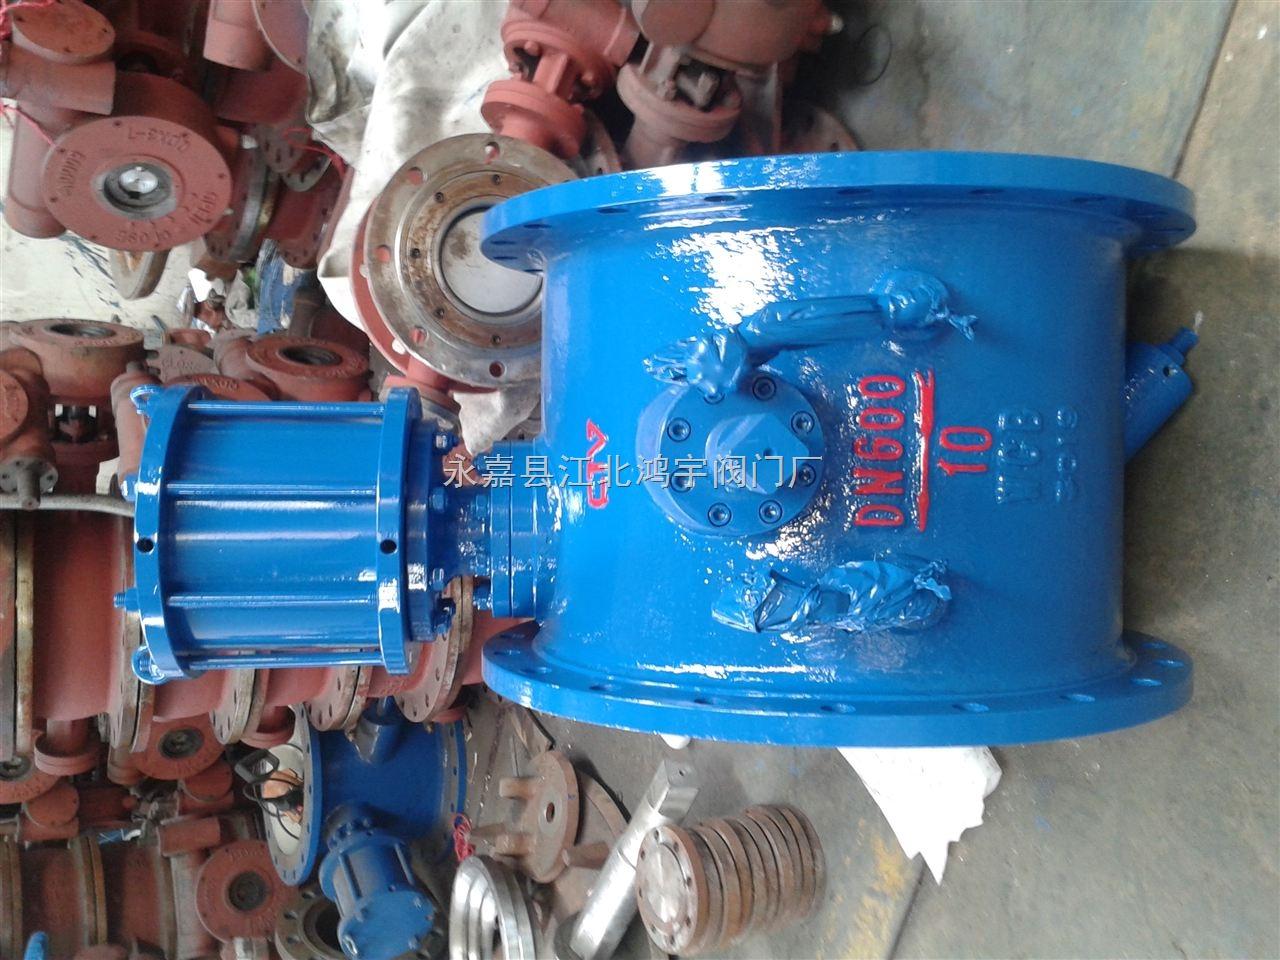 膜片式管力阀是水泵出口继老式手动控制阀,液控蝶阀,多功能水力阀与图片